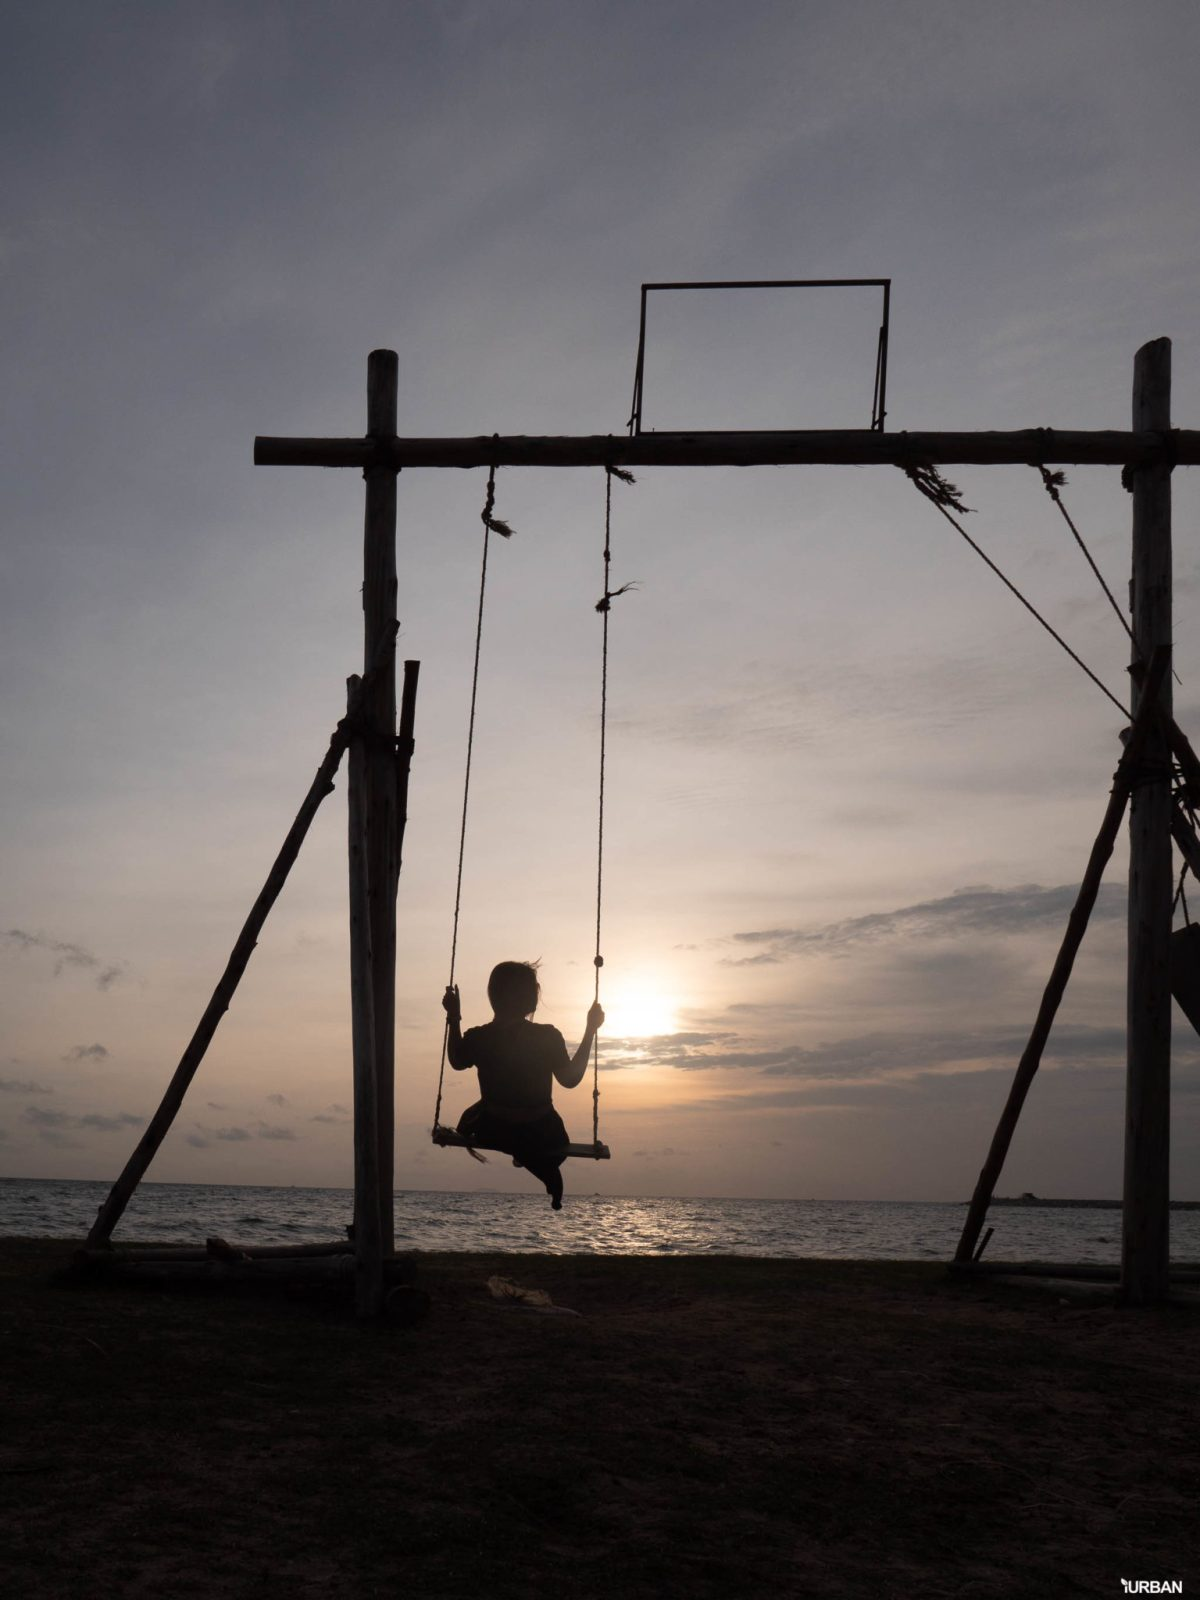 7 ชายหาดทะเลพัทยา ที่ยังสวยสะอาดน่าเที่ยวใกล้กรุงเทพ ไม่ต้องหนีร้อนไปไกล ก็พักได้ ชิลๆ 127 - Beach